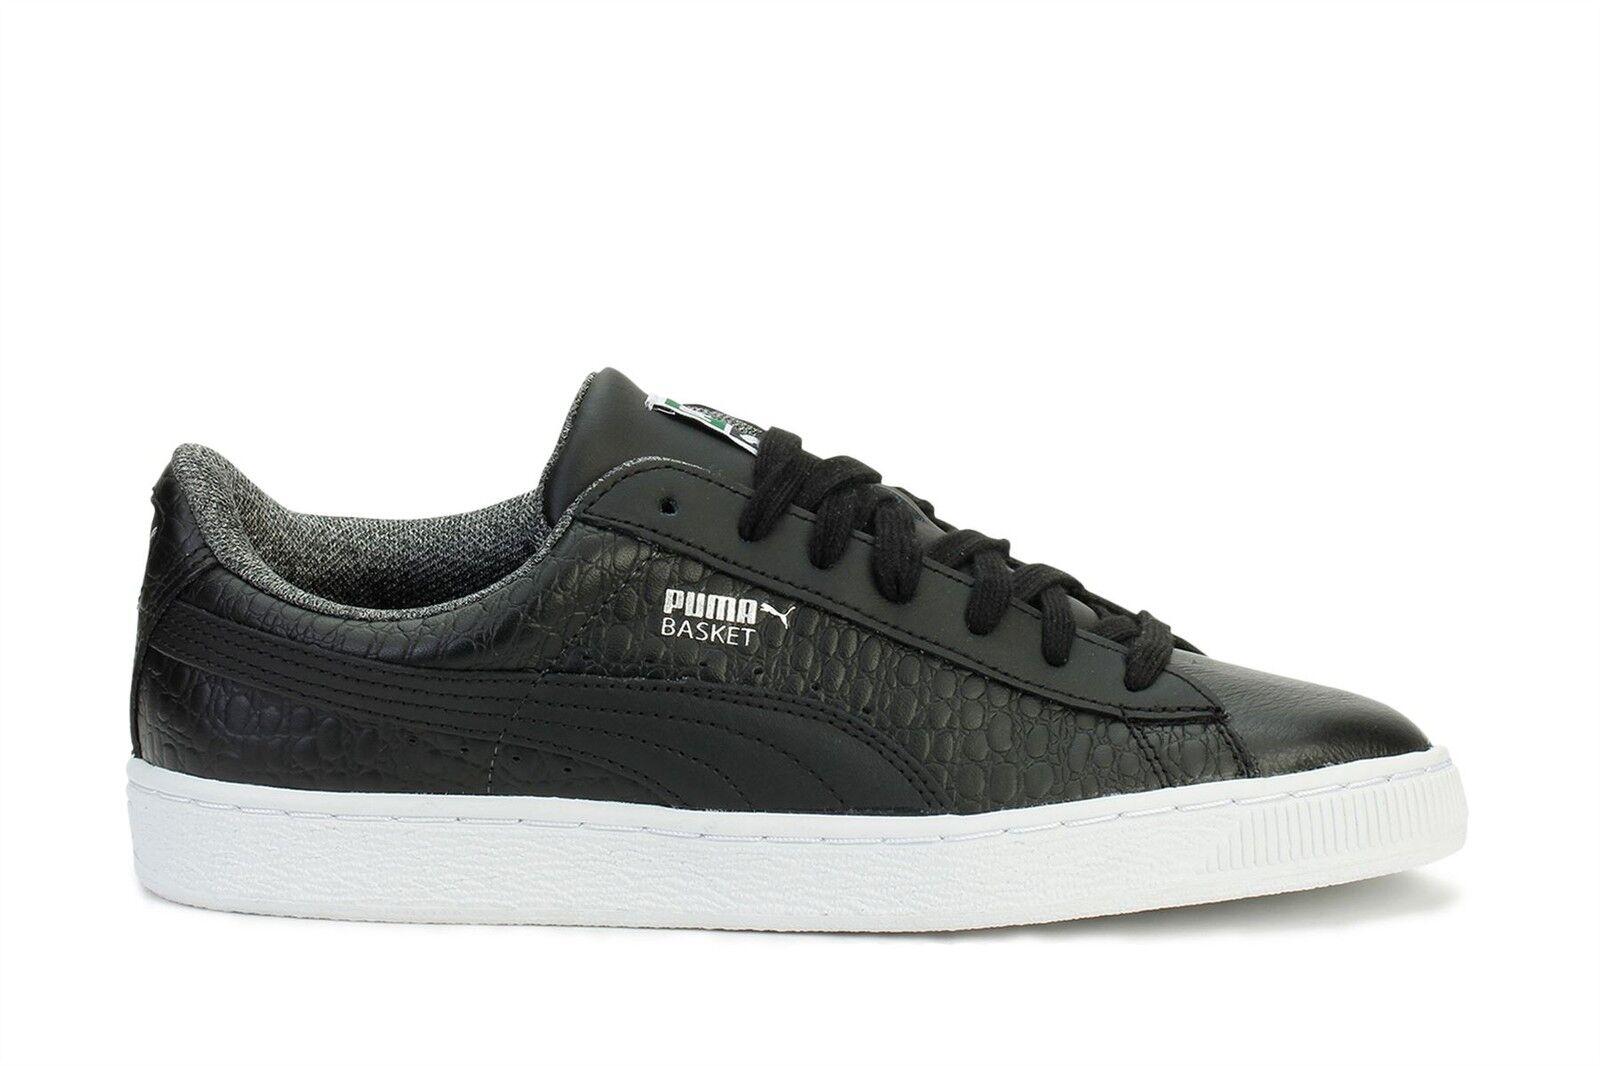 Zapatillas Clásico para hombre Puma Basket Clásico Zapatillas Negro Con Textura 36019102 eb155f